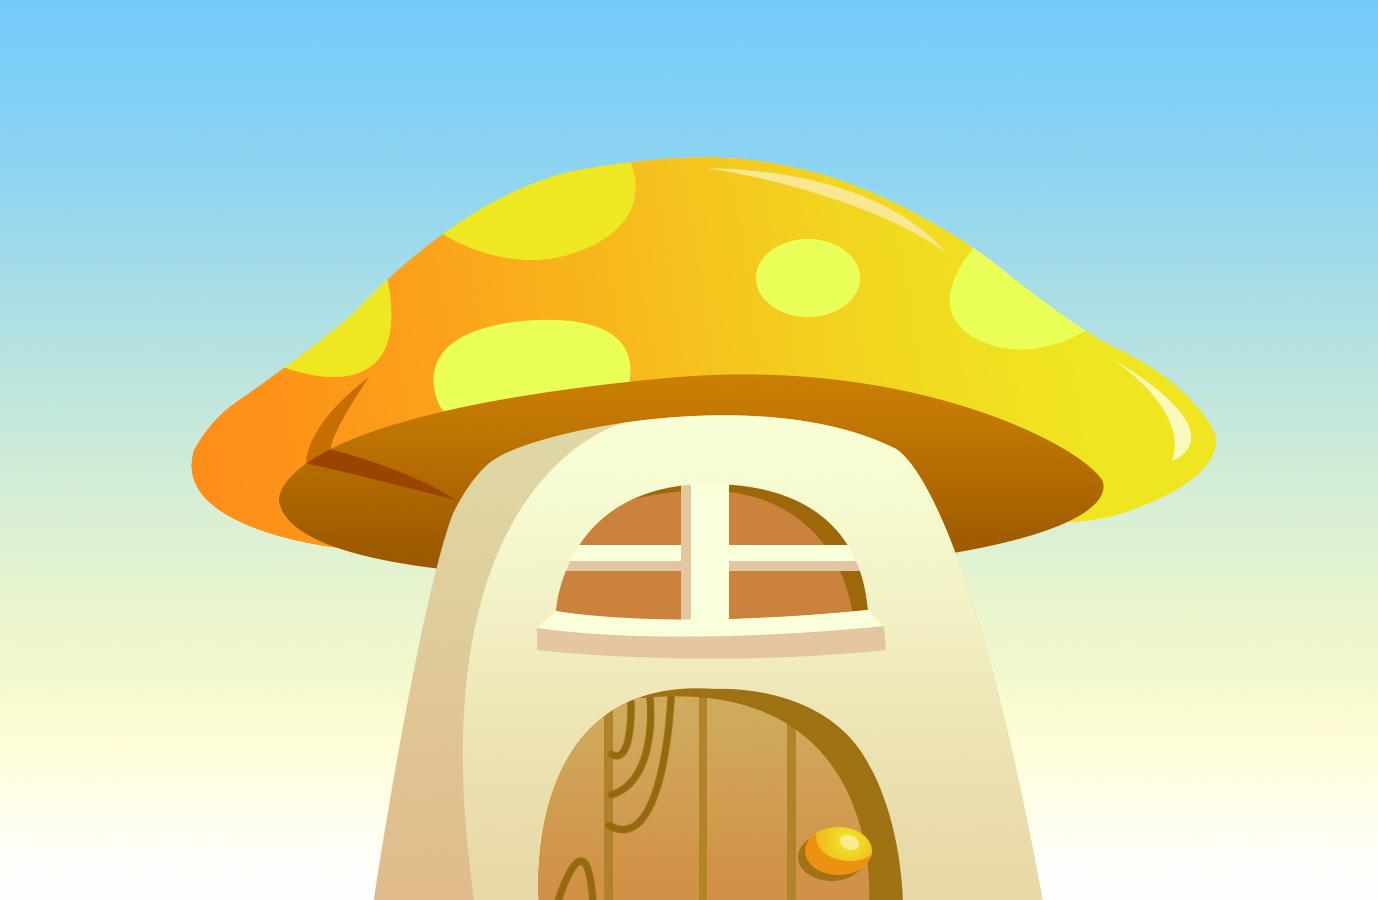 蘑菇卡通图片大全大图